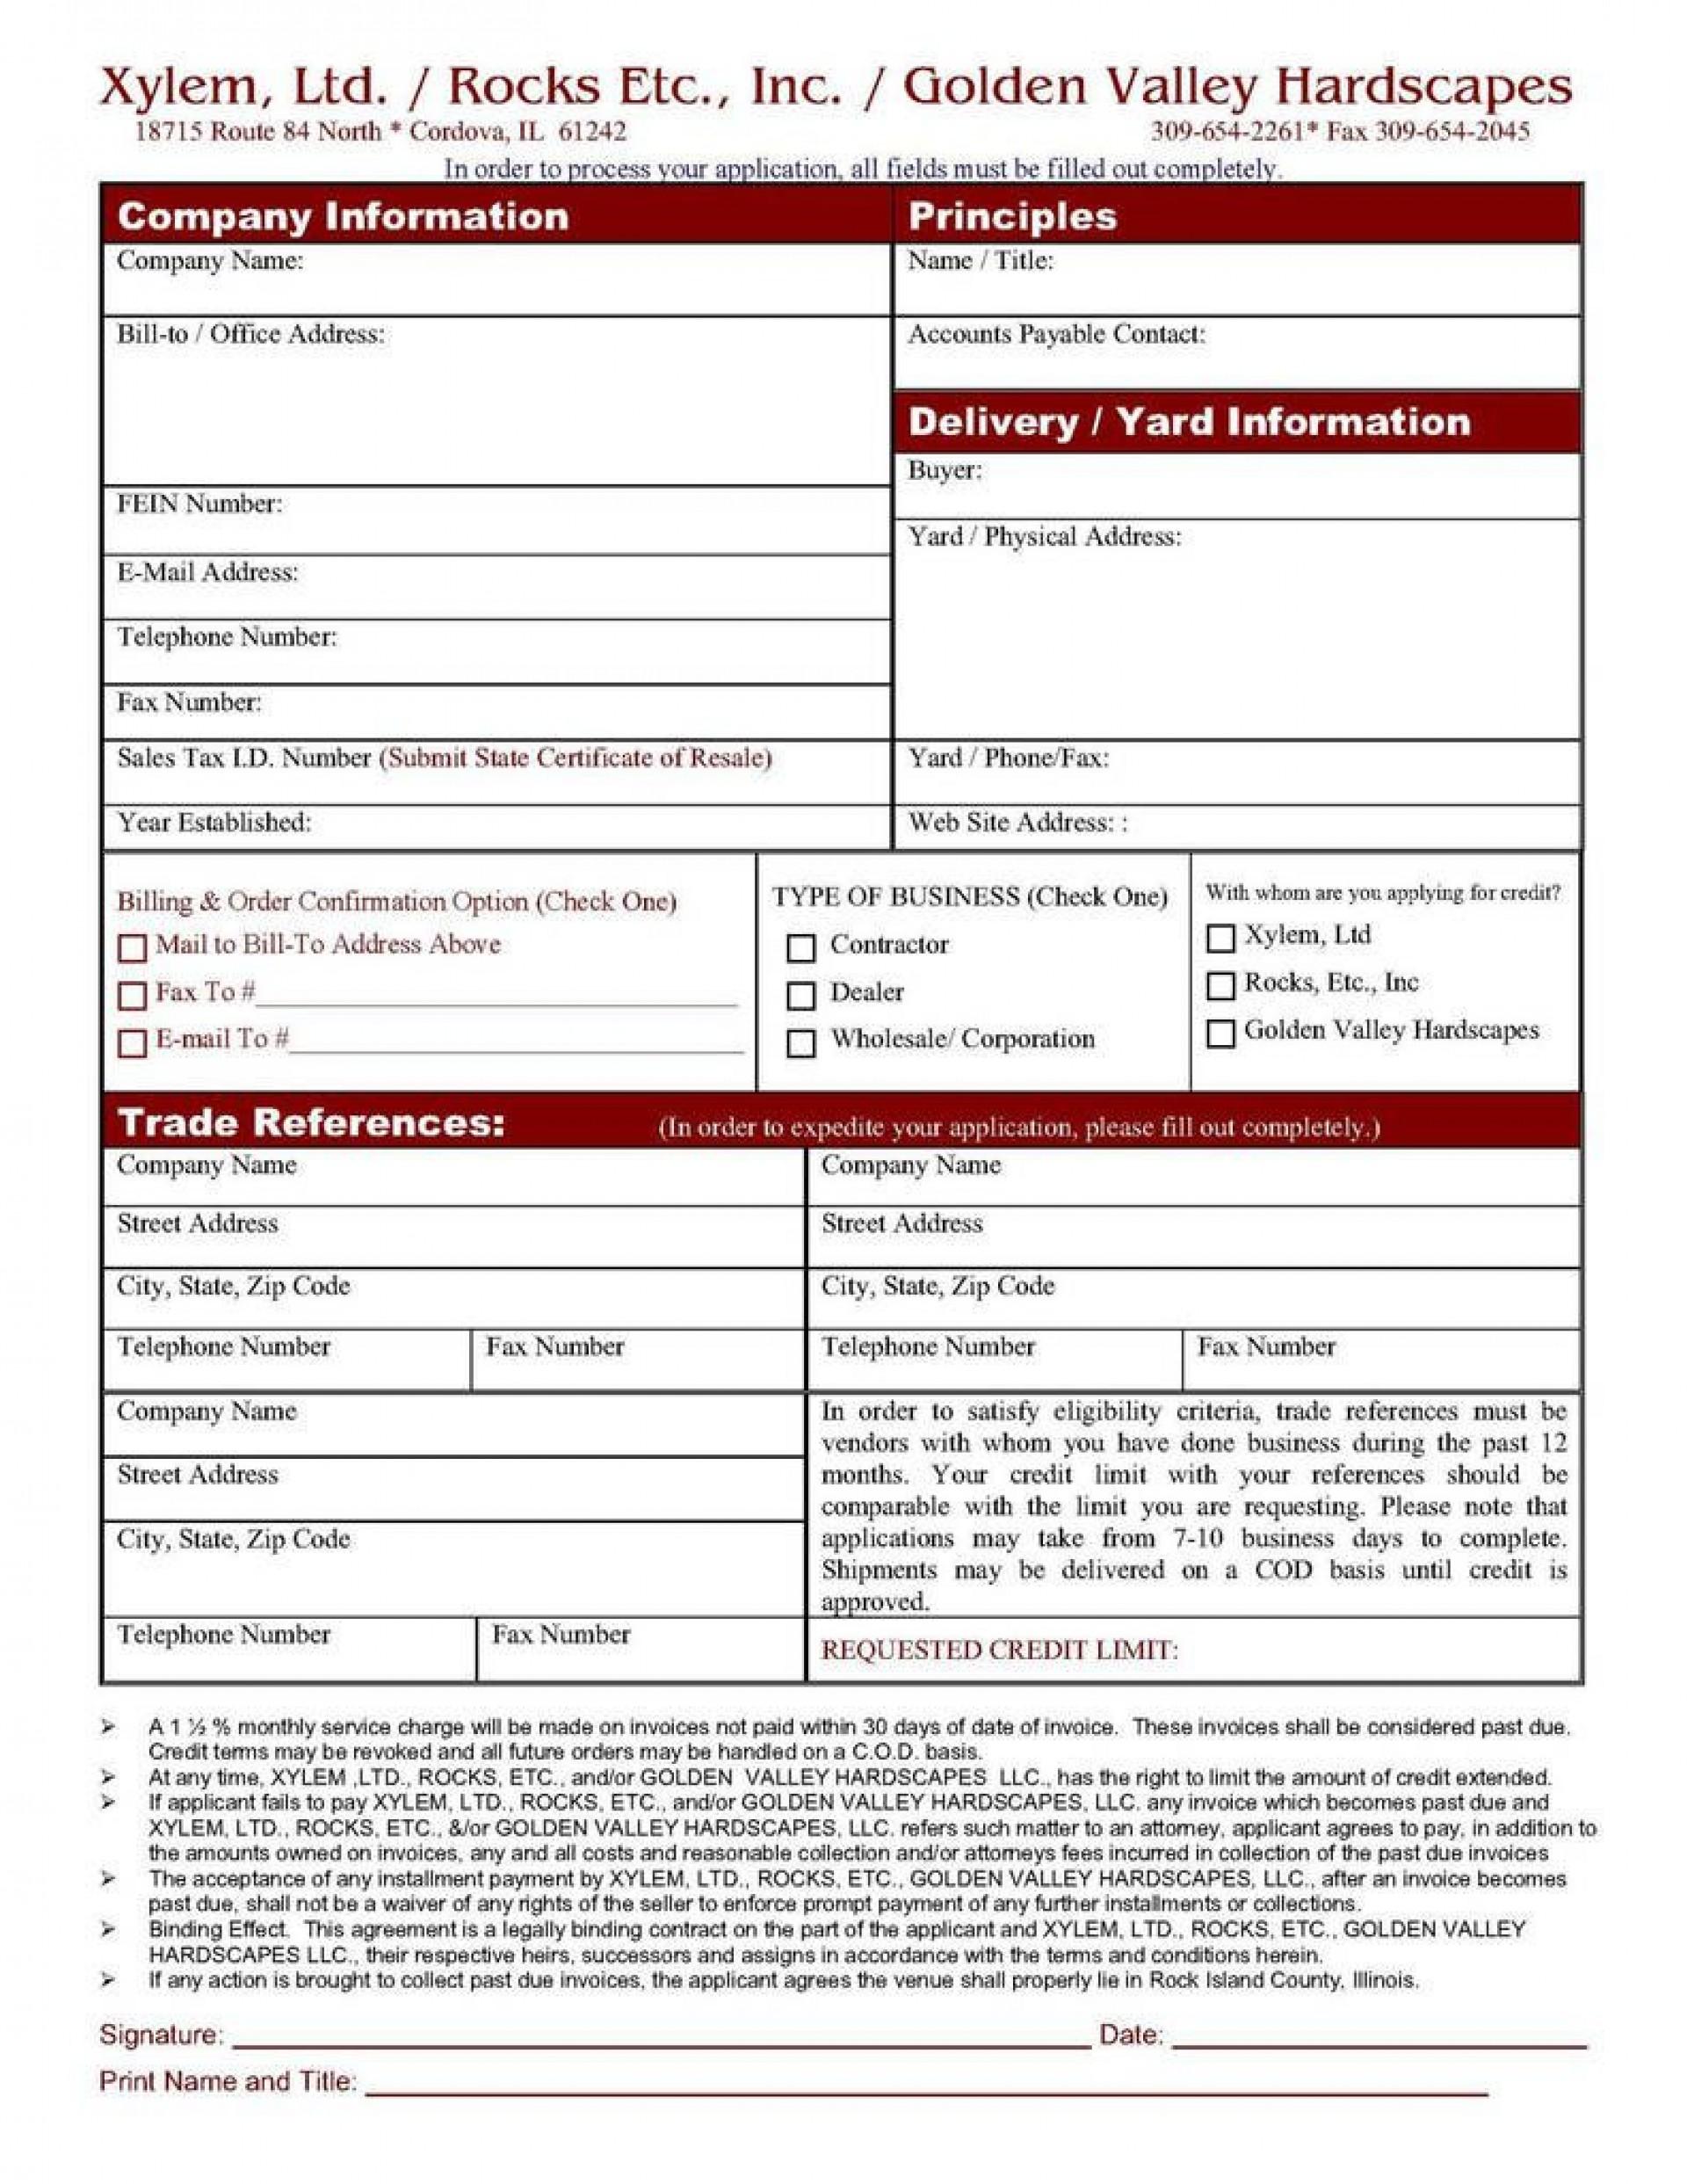 006 Shocking Busines Credit Application Template Excel Design  Form1920